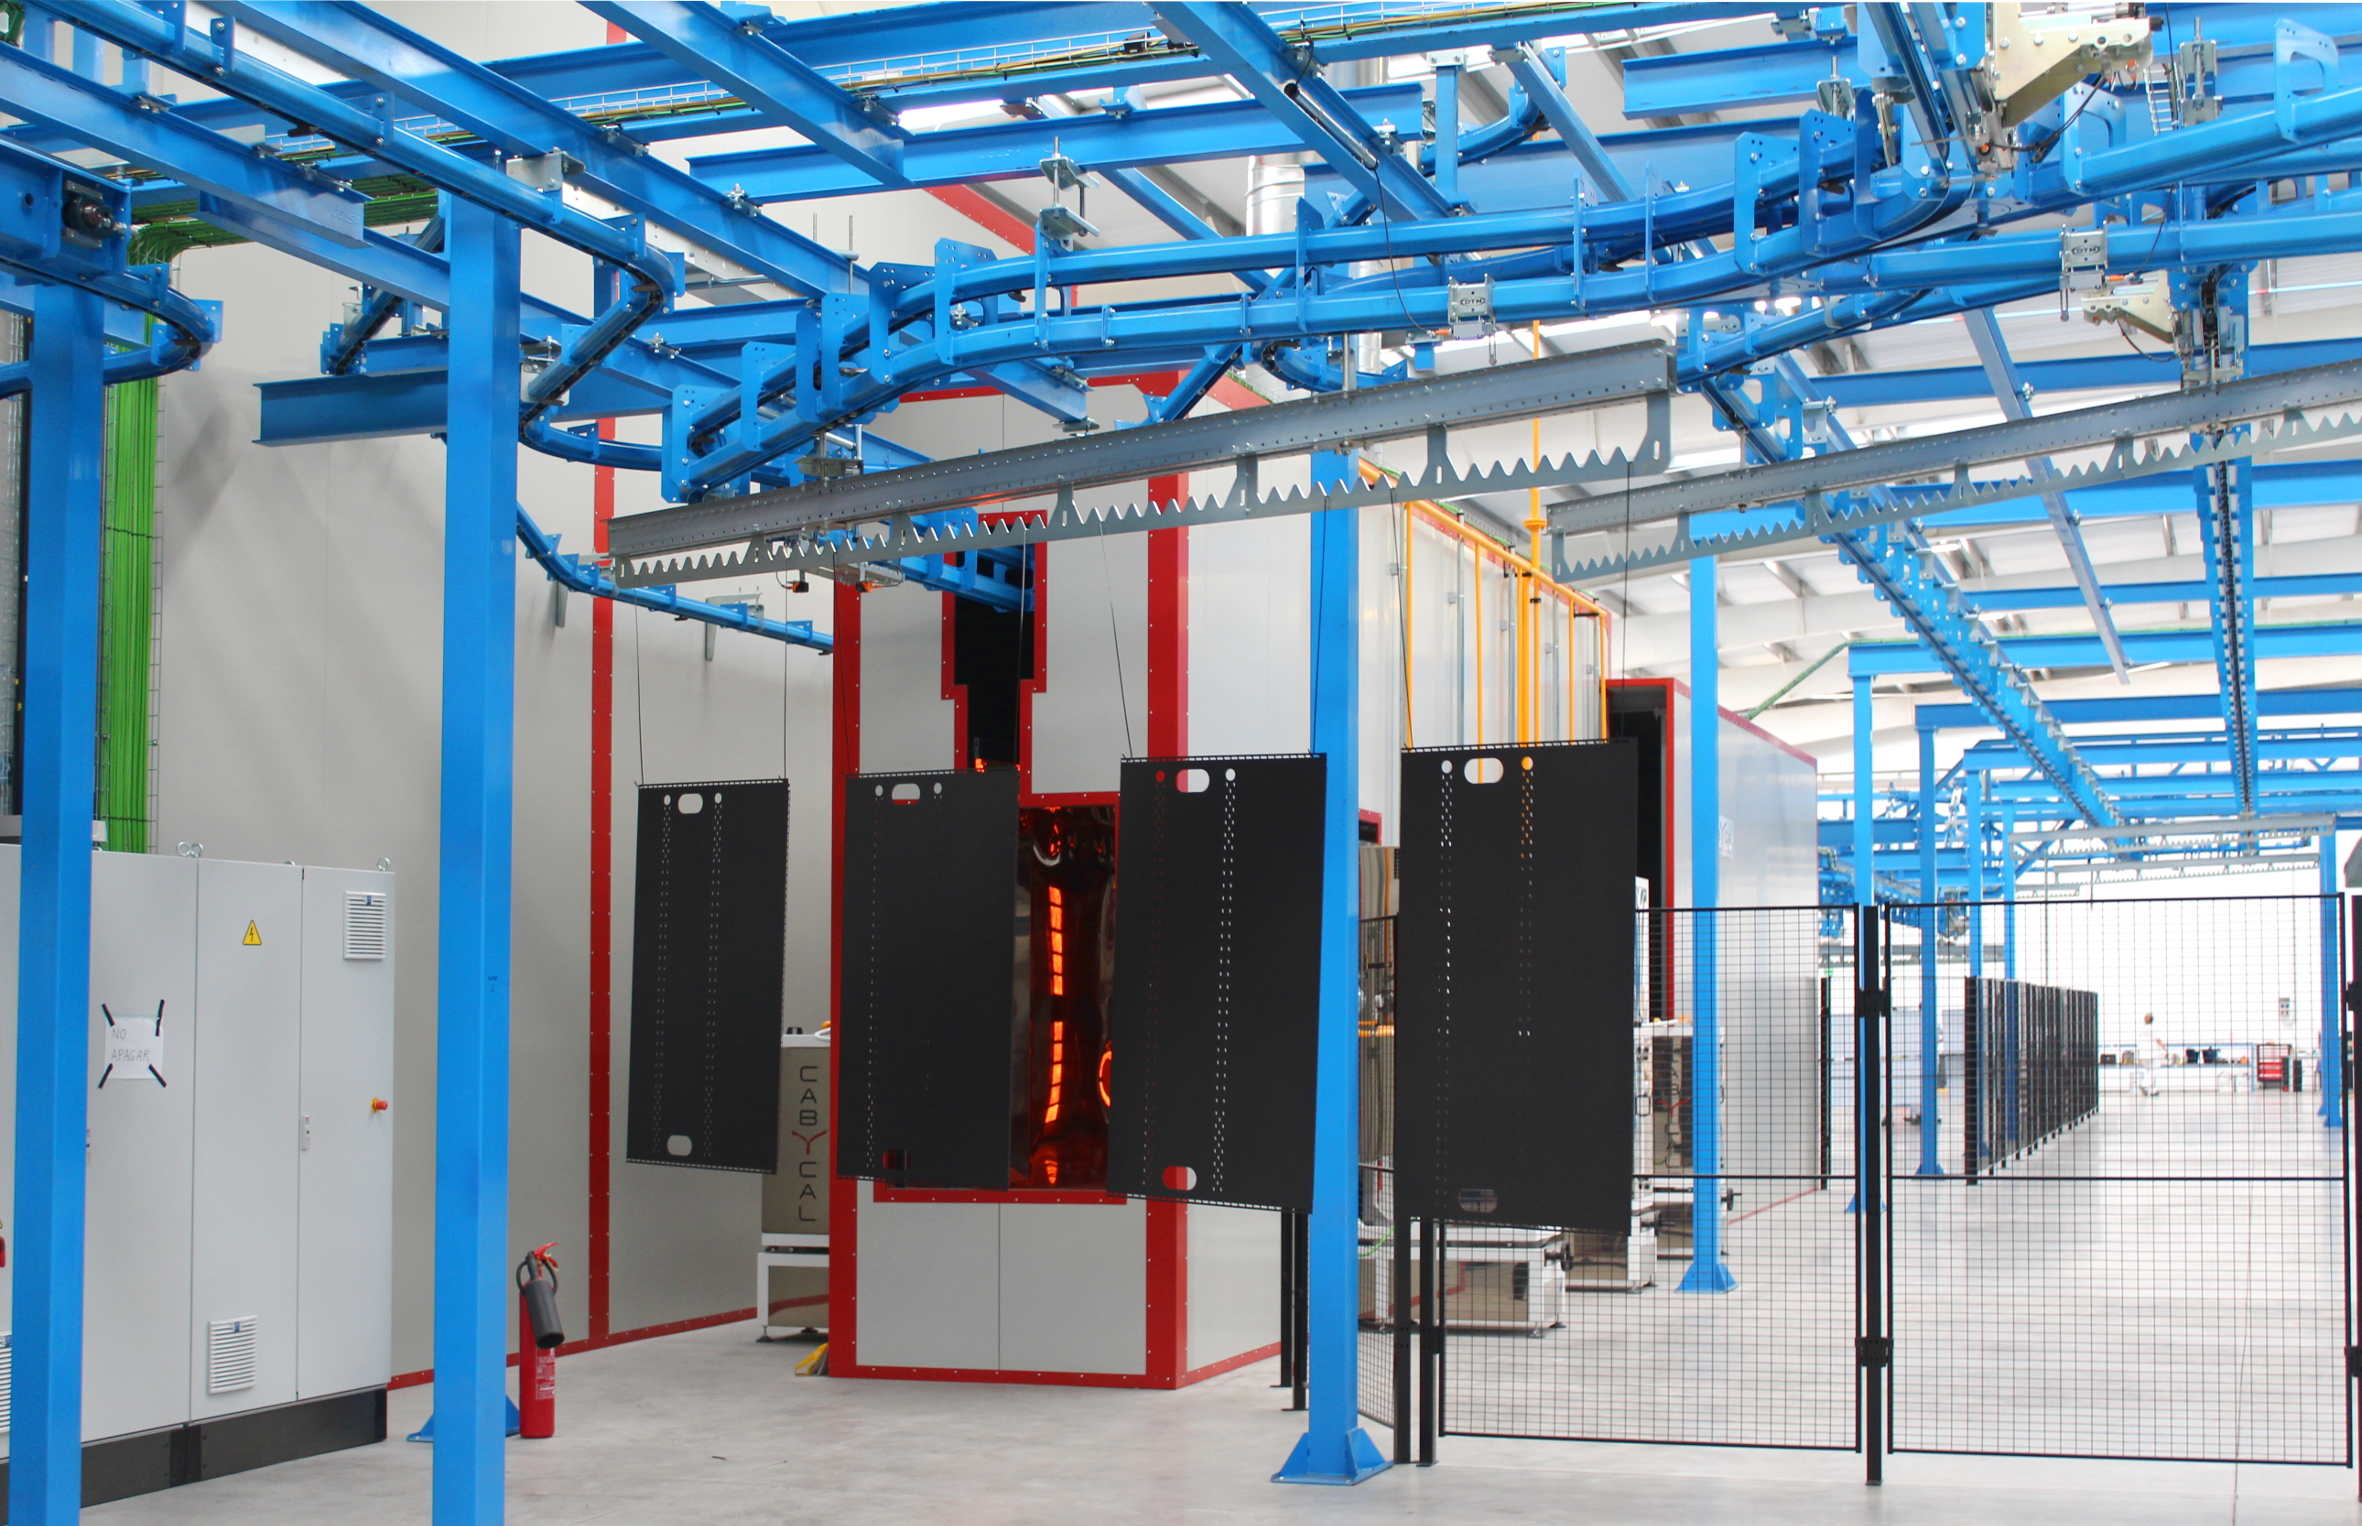 Nuova linea di verniciatura automatica e connessa per mobili frigoriferi destinati alla grande distribuzione organizzata